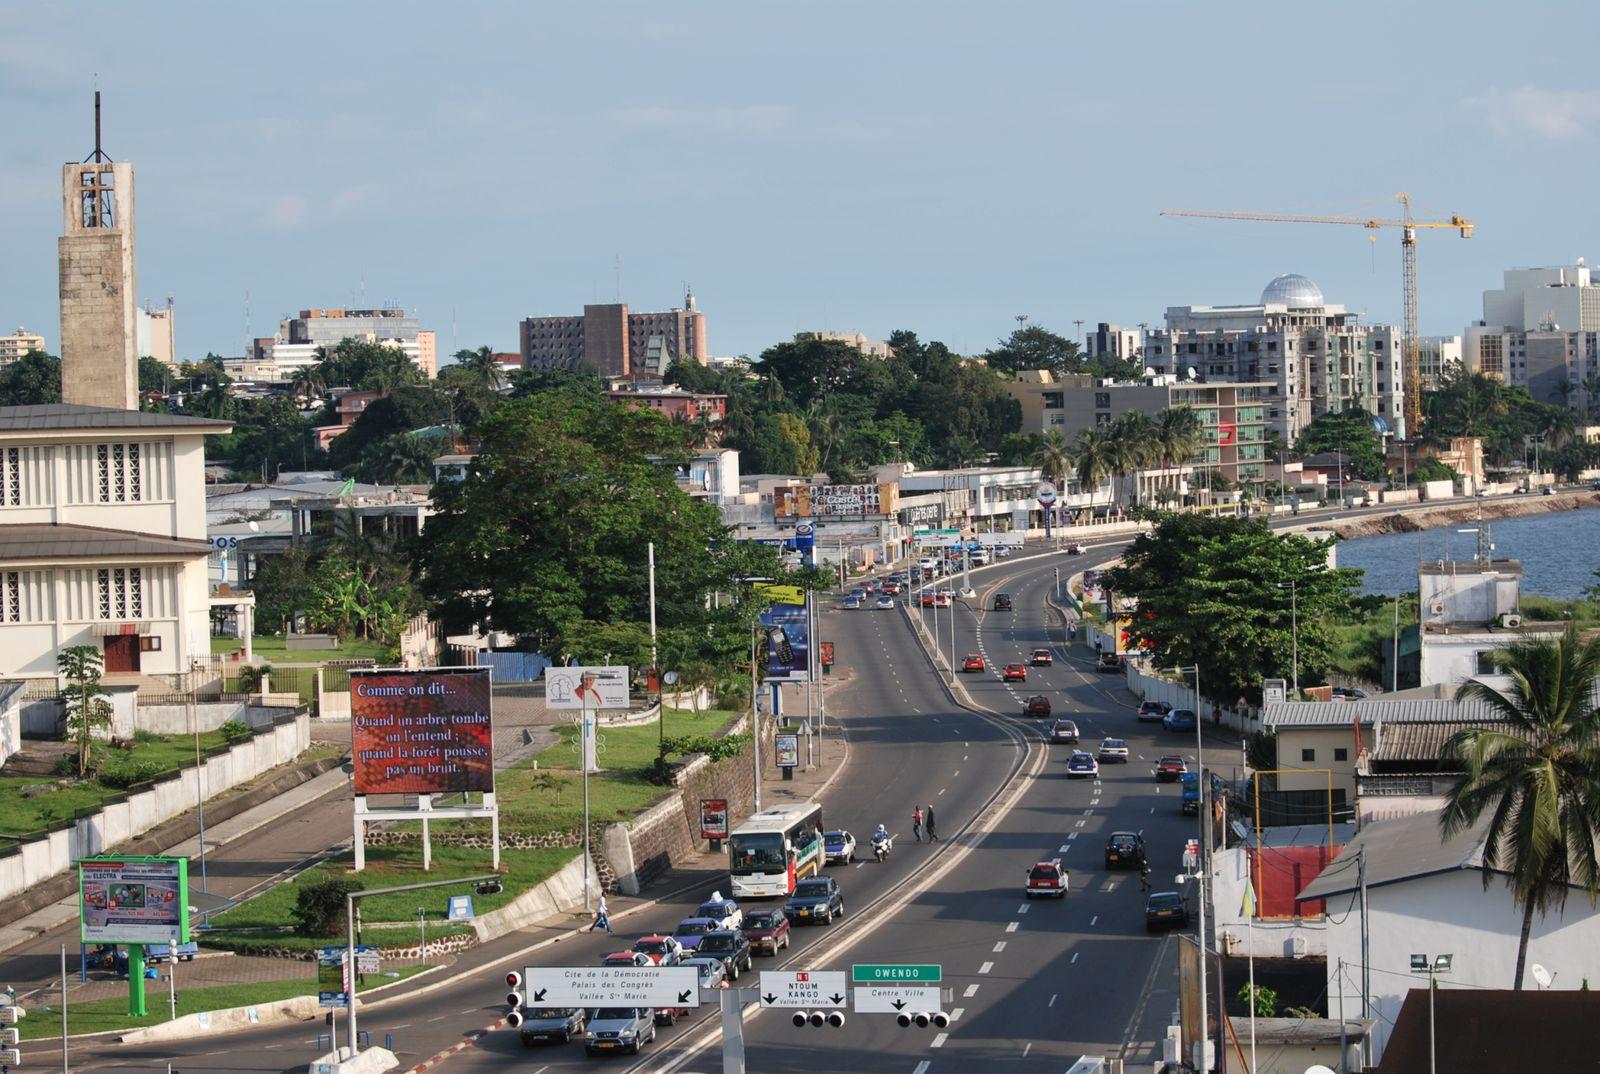 Le gabon mergent en action libreville ville la plus riche d 39 afrique en 2030 le gabon mergent - Consulat de france port gentil ...